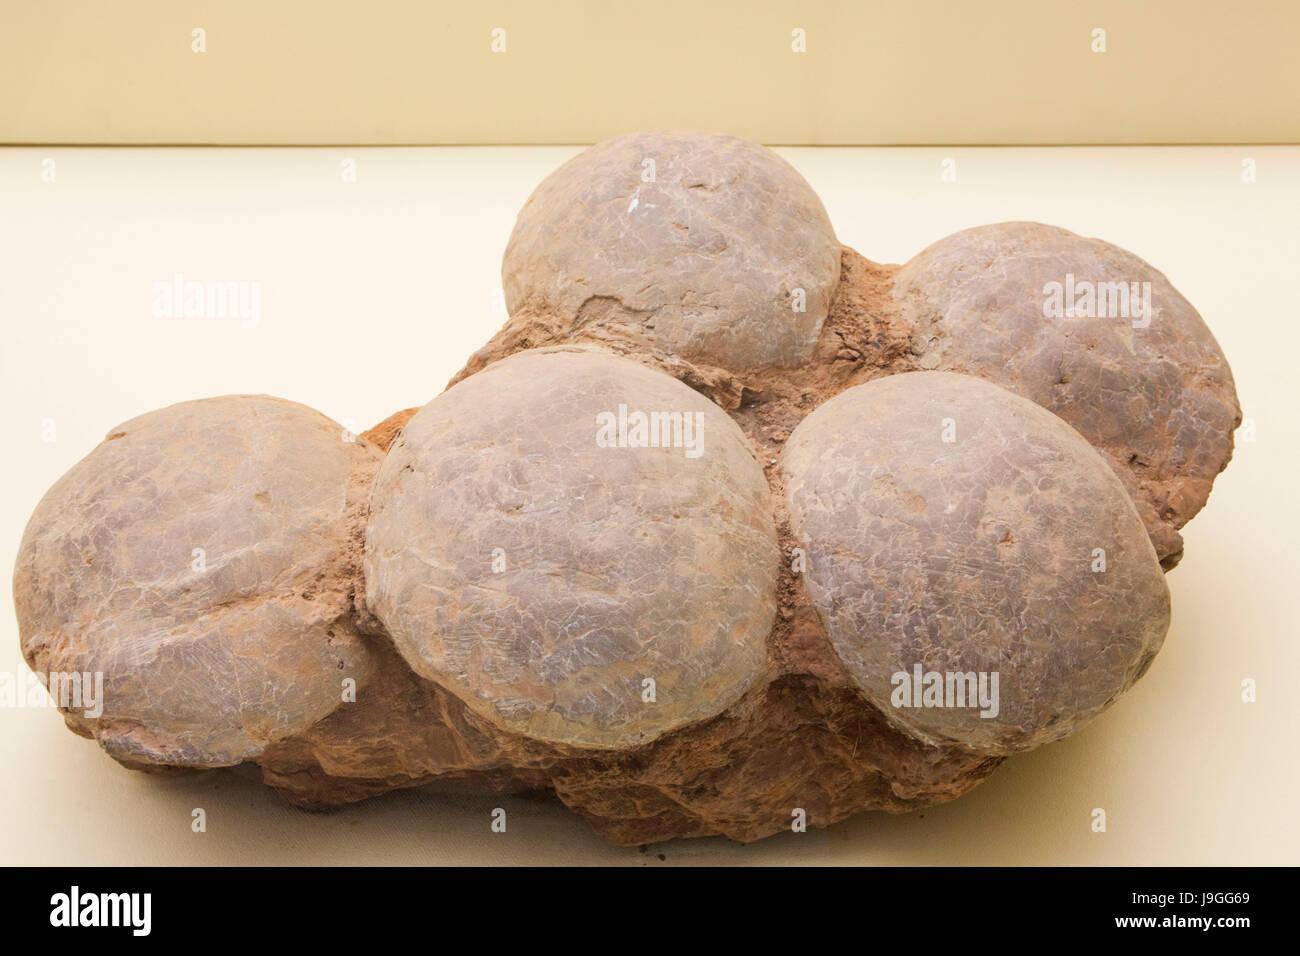 China, Fossilized Dinosaur Eggs - Stock Image